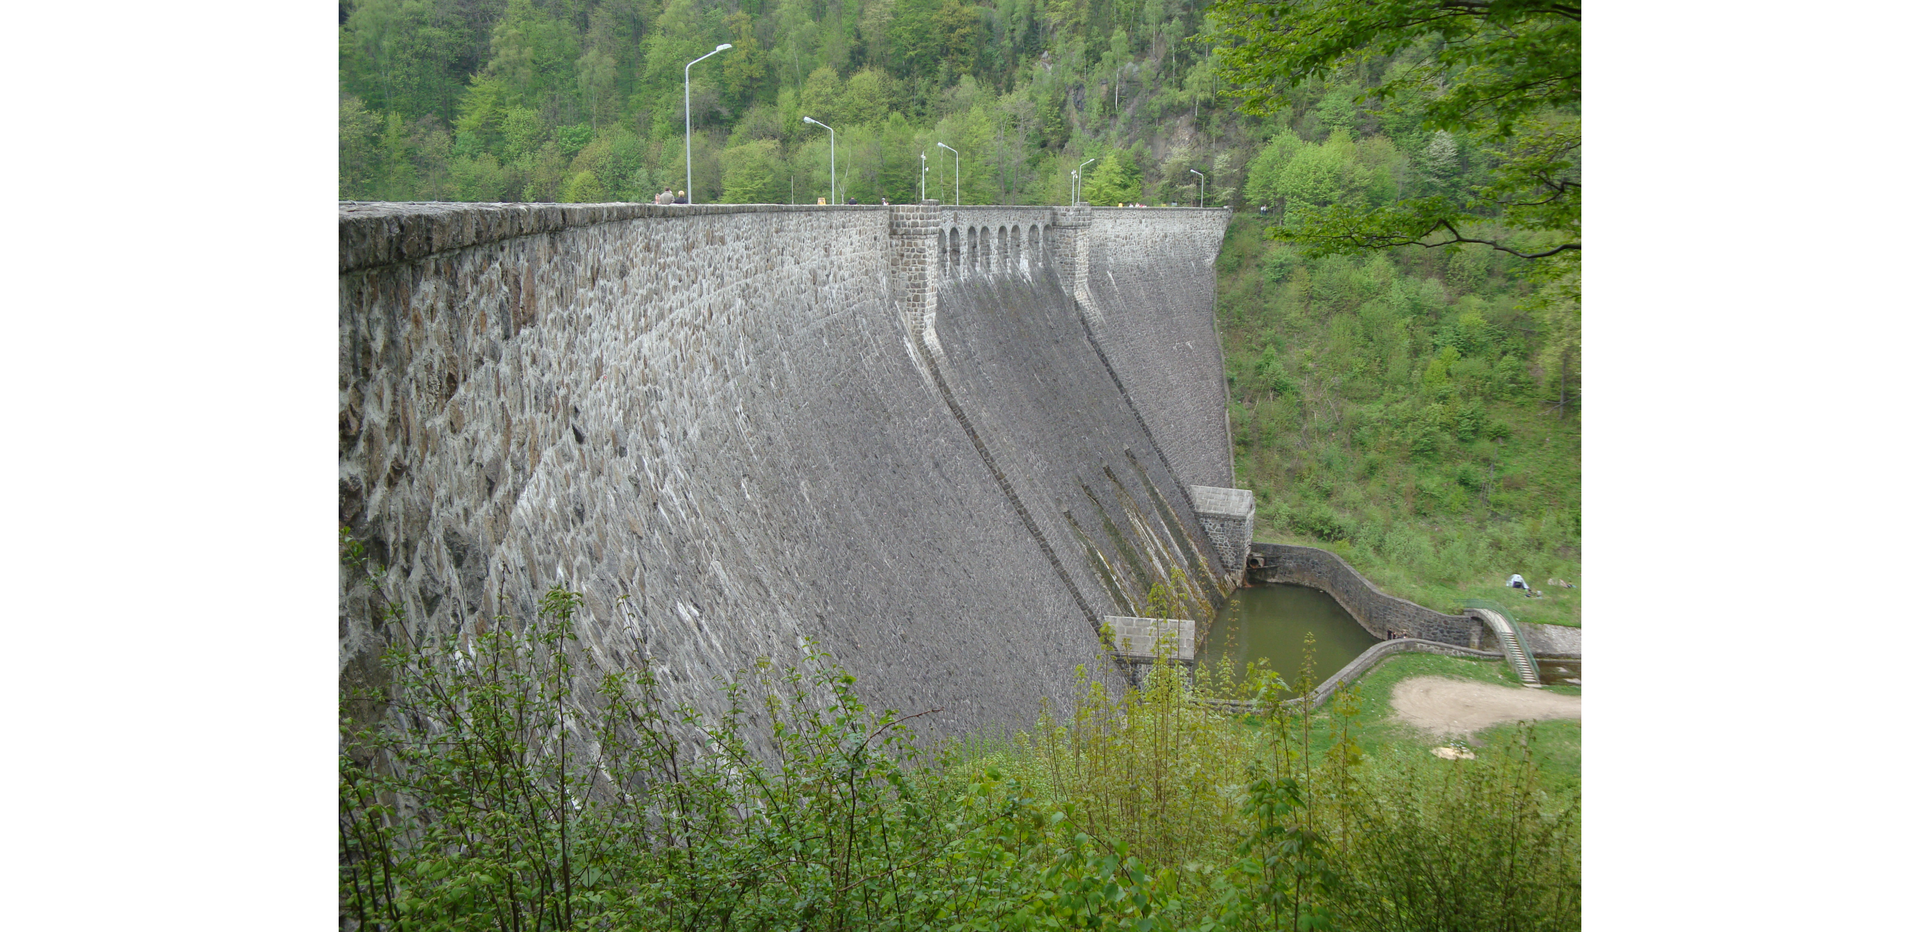 Ilustracja przedstawia ujęcie wody wkorpusie zapory.